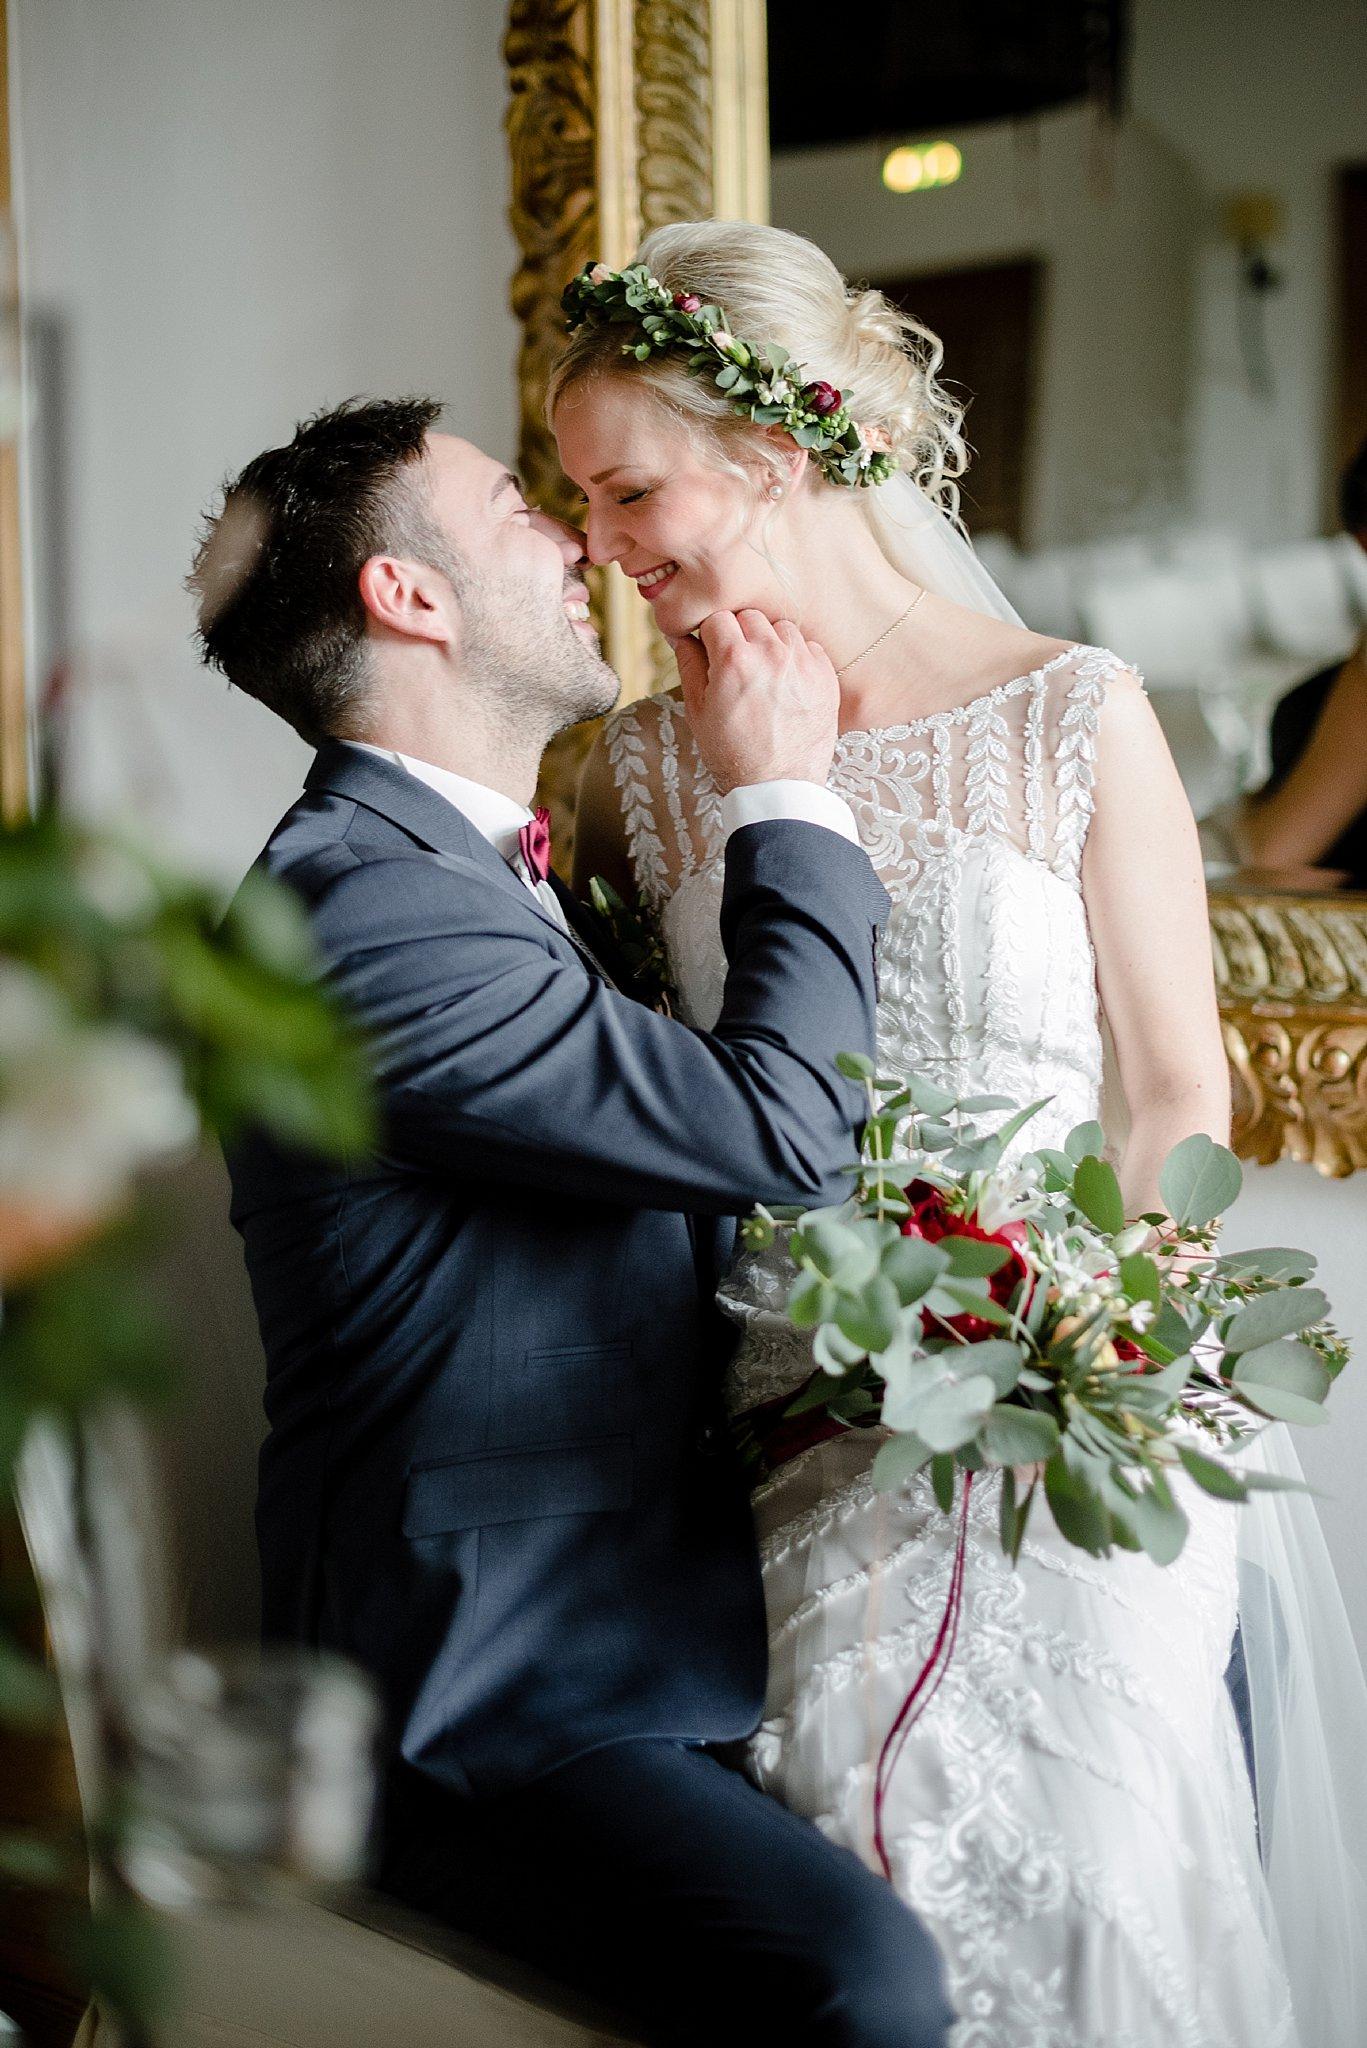 Hochzeit-von-Marina-Dominik-auf-Burg-Wernberg-und-Schloss-Friedrichsburg-00105